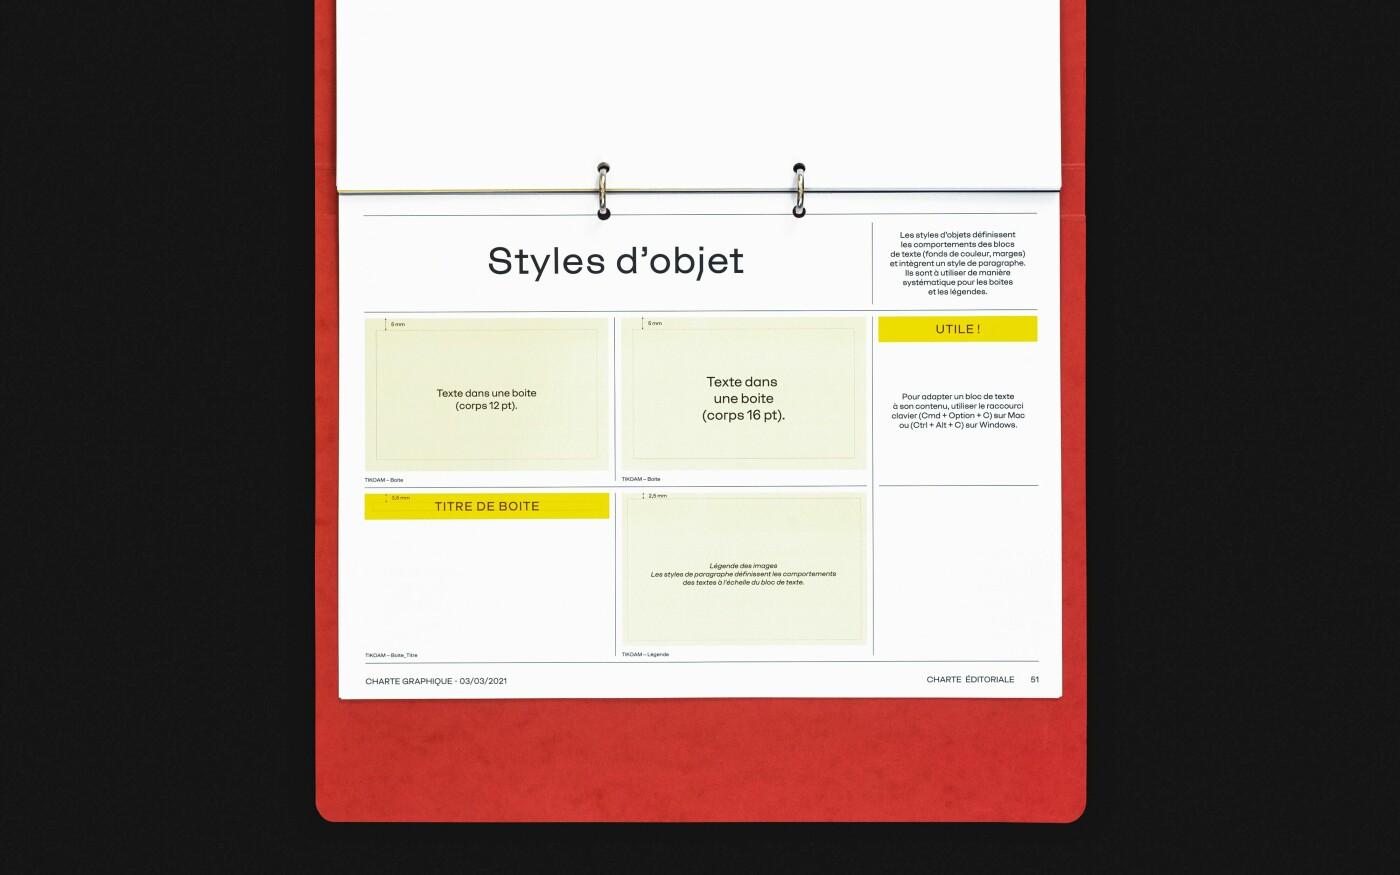 Pictogrammes de Scalene architectes